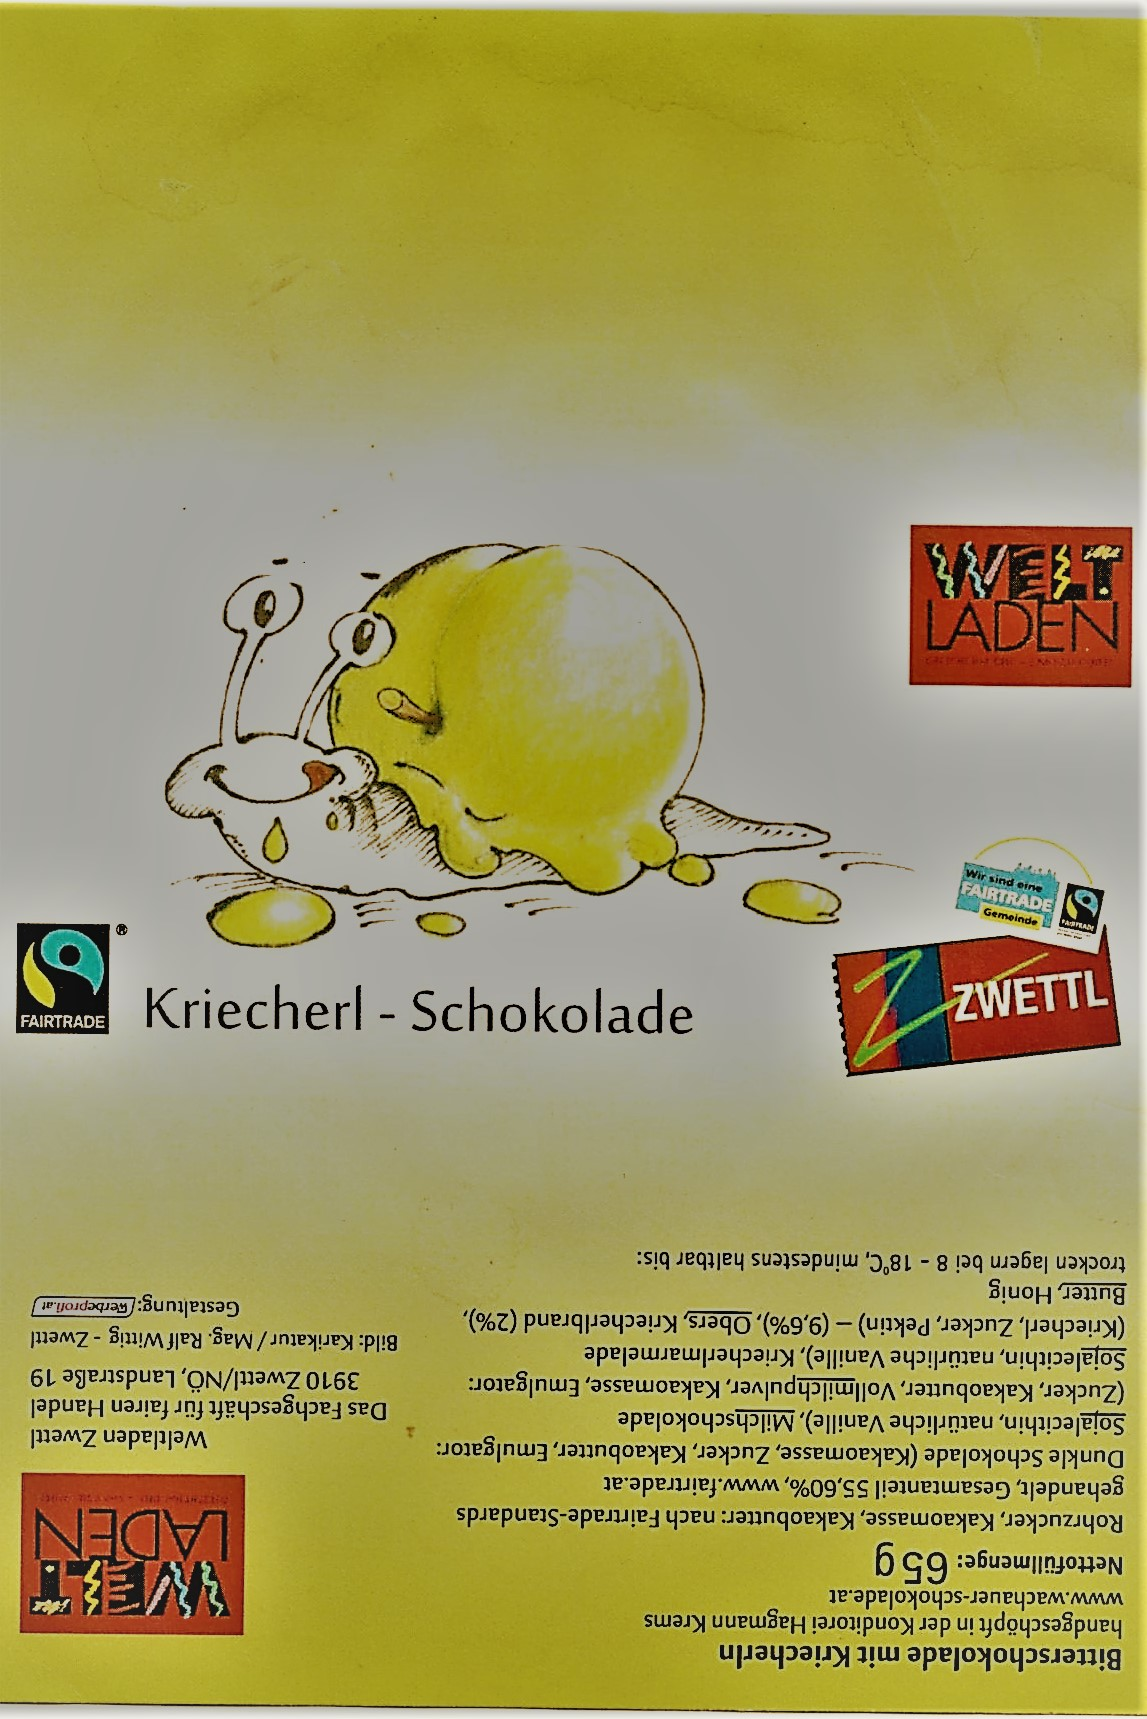 Kriecherl Schokolade